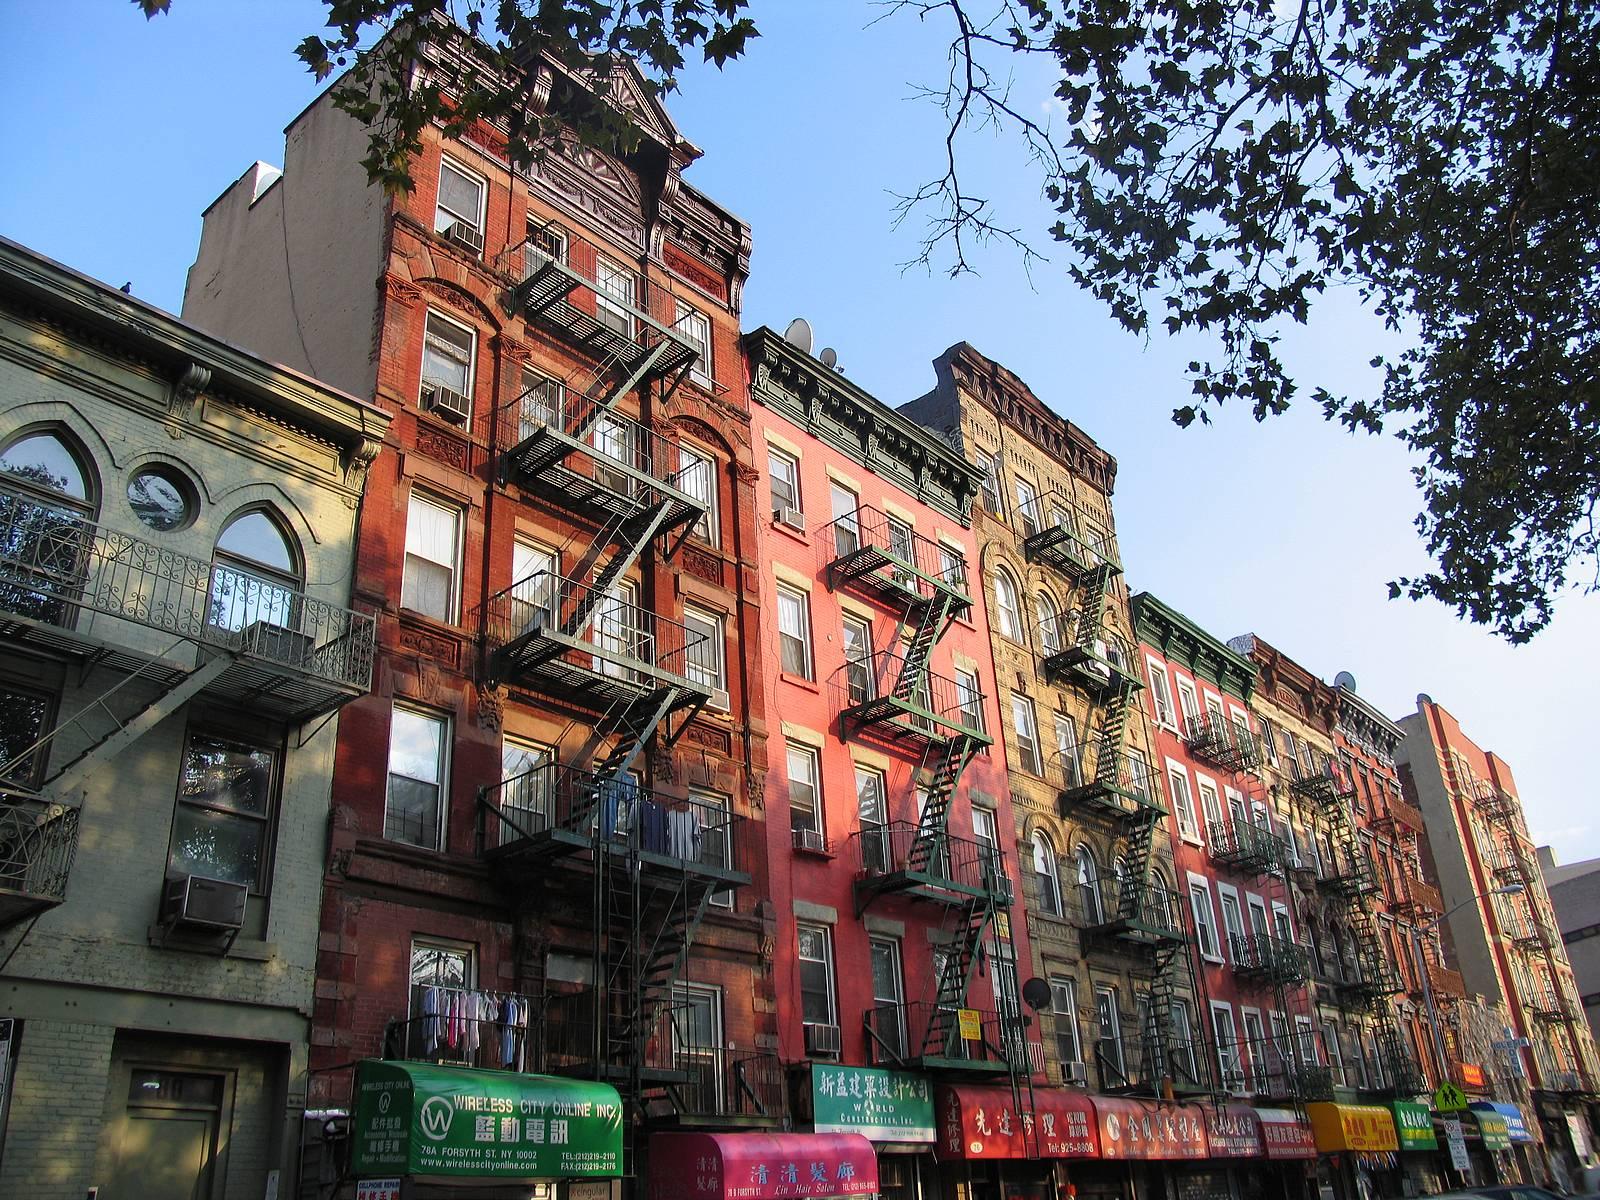 Дома в нью-йорке фото